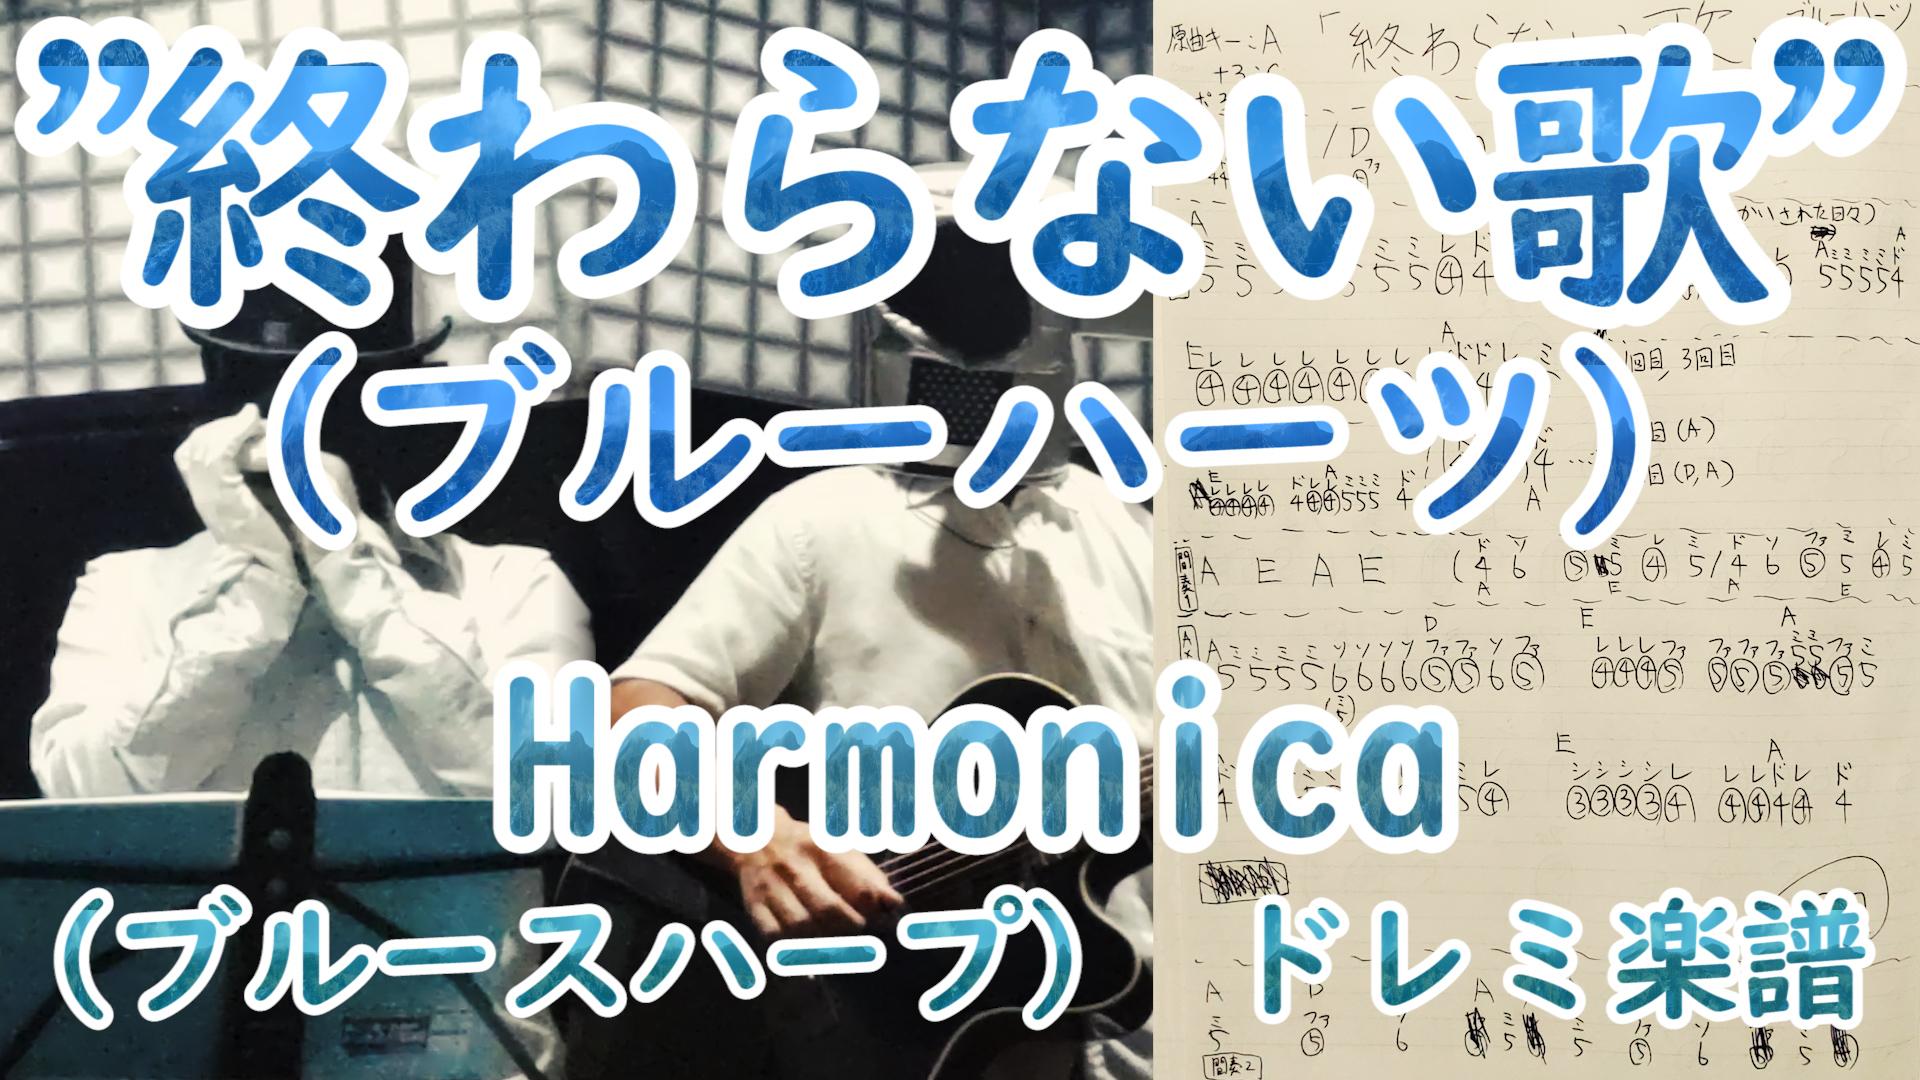 """"""" 終わらない歌 """" ブルーハーツ ☆超手書き☆ハーモニカ ドレミ 楽譜  (ブルースハープ) with ギター コード"""